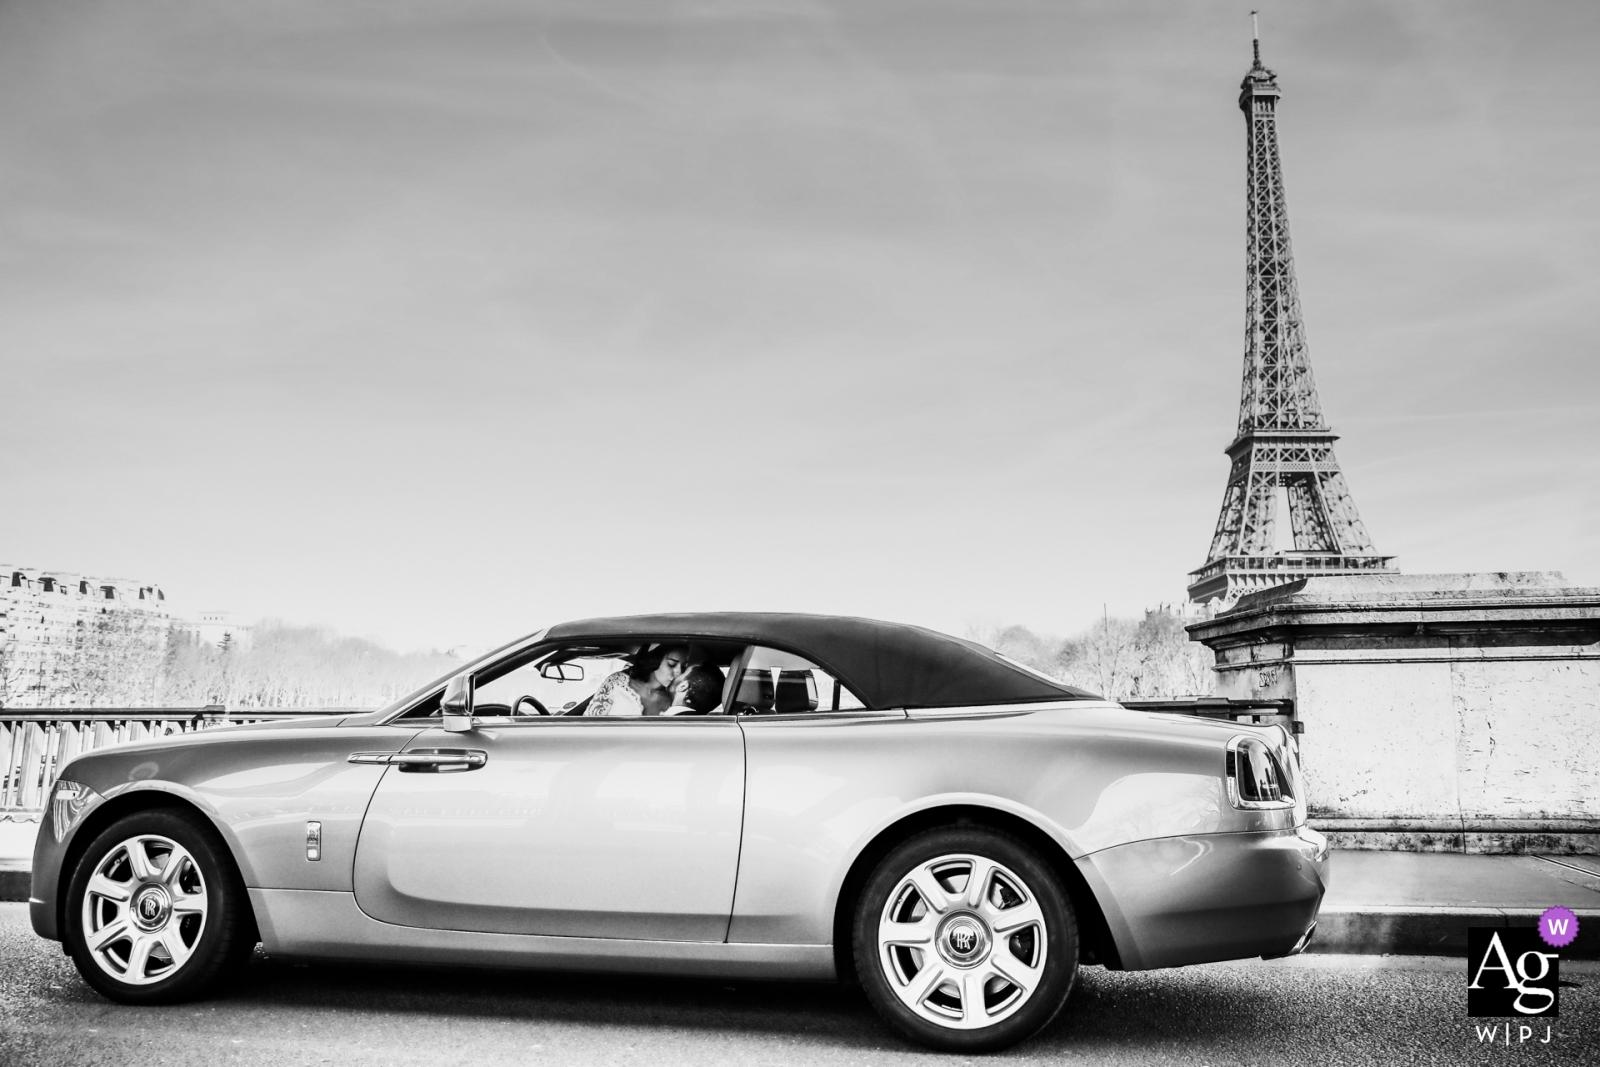 Hochzeitsfotograf für Paris - Frankreich | Kuss im Hochzeitsauto am Eiffelturm